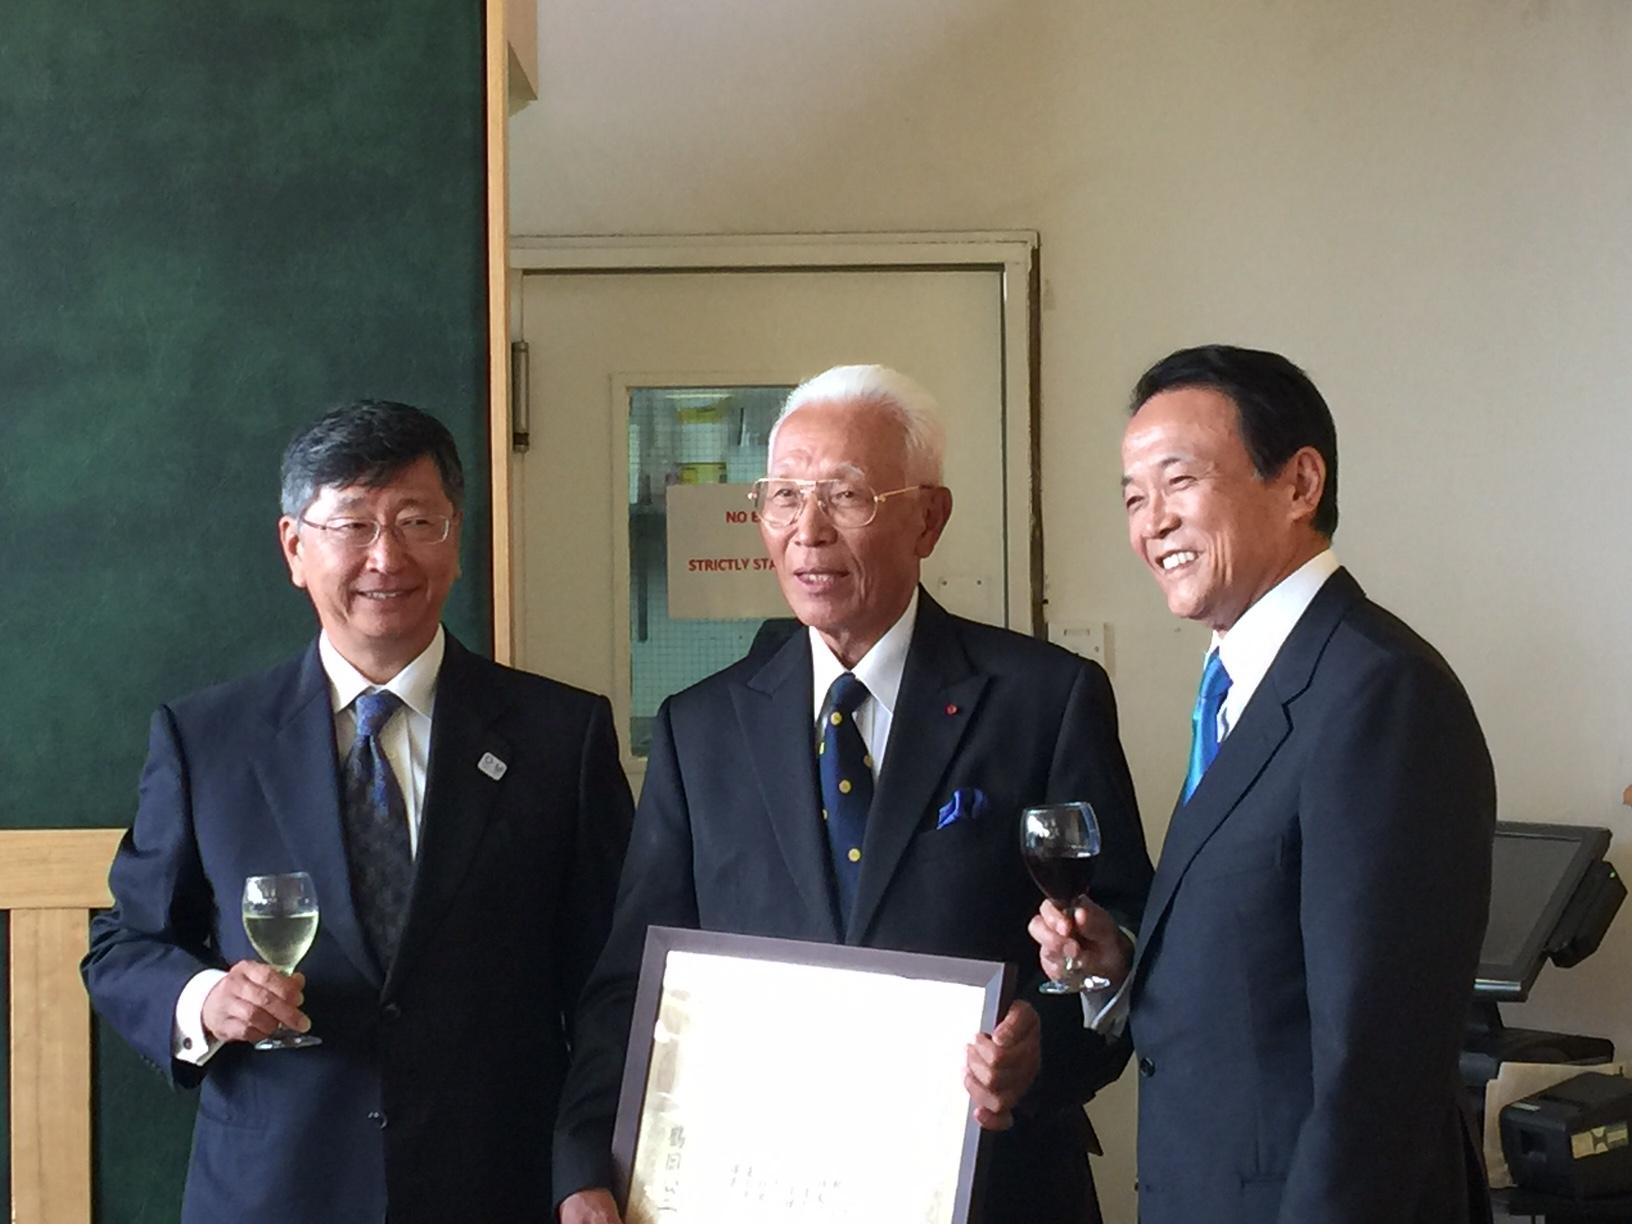 麻生副総理をお迎えして・ヘンドン日本人墓地設立80周年式典